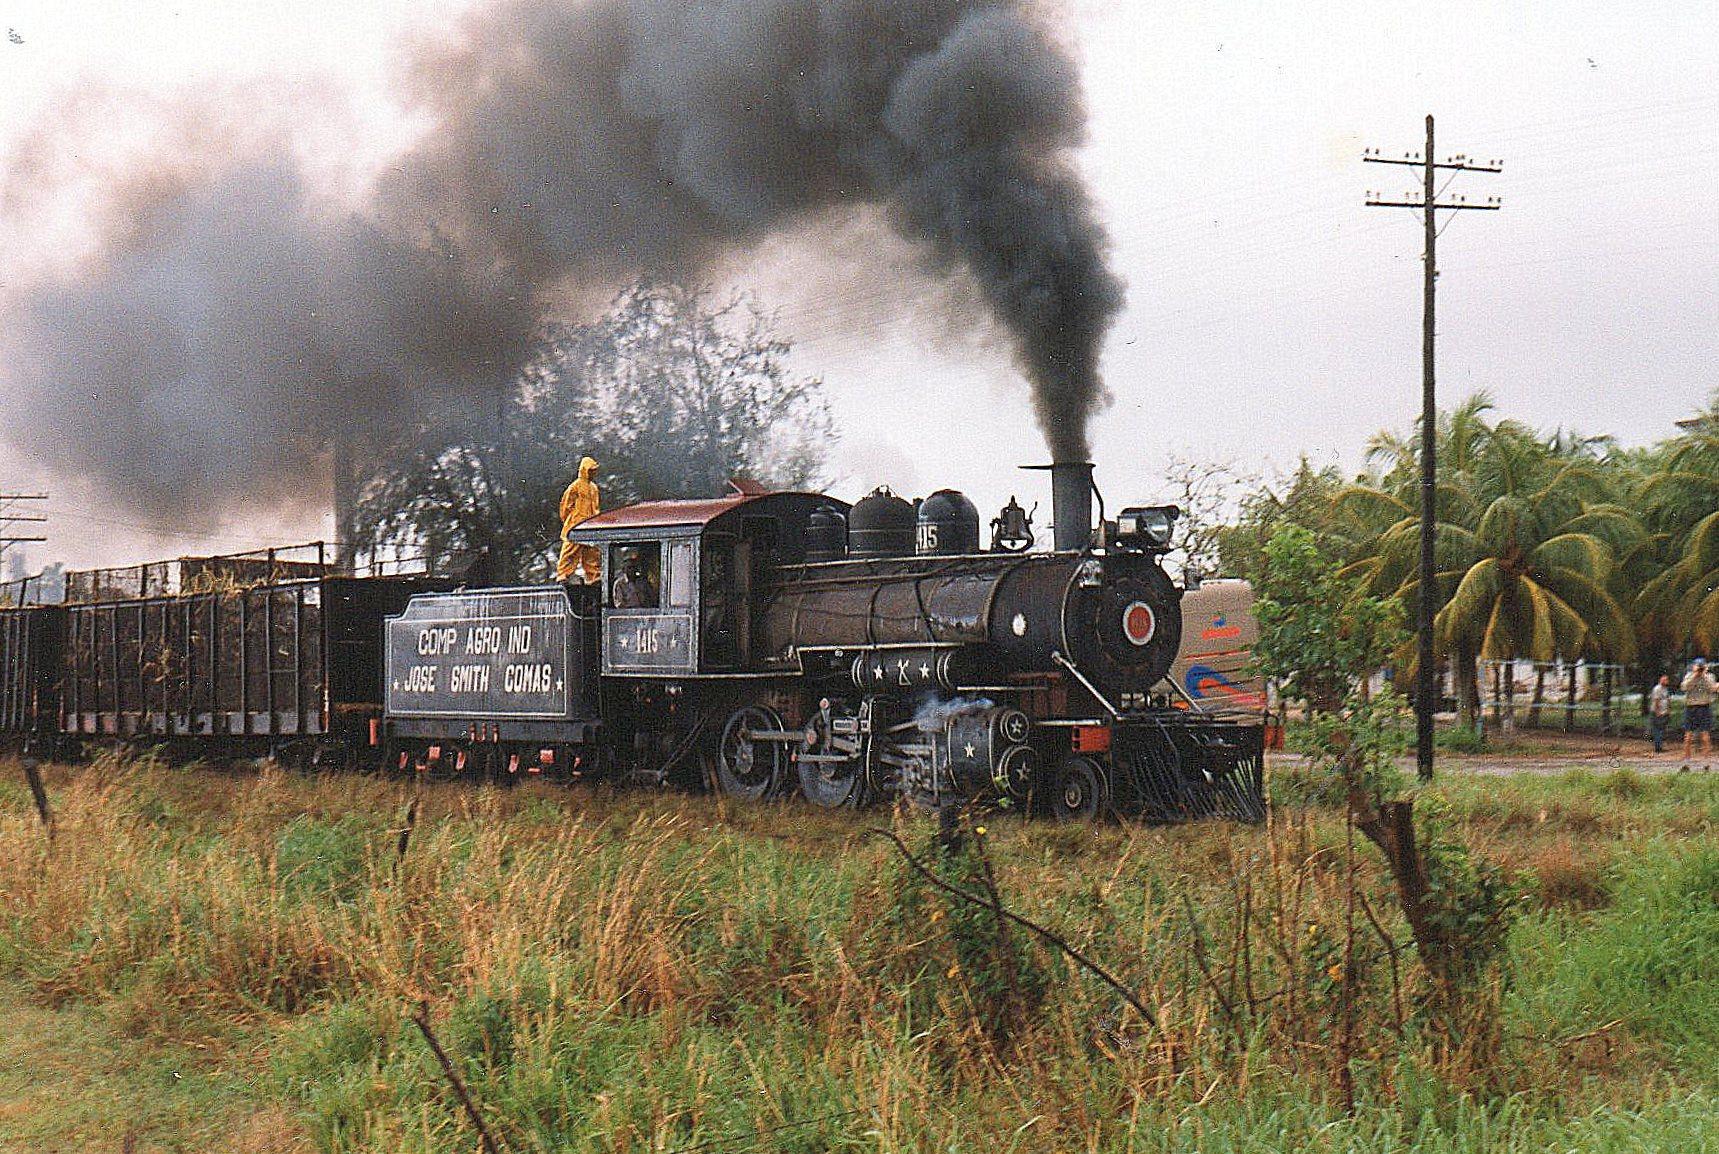 Senere regnede det, men himmelovertrækket dæmpede det stærke luys, så man her ser lokomotivet undervogn. Maskinen er CAI 315, Jose Smith Comas1415, Vulcan 3975/1920. 1'C. En medkørende frisker sig med et bad på tenderen.